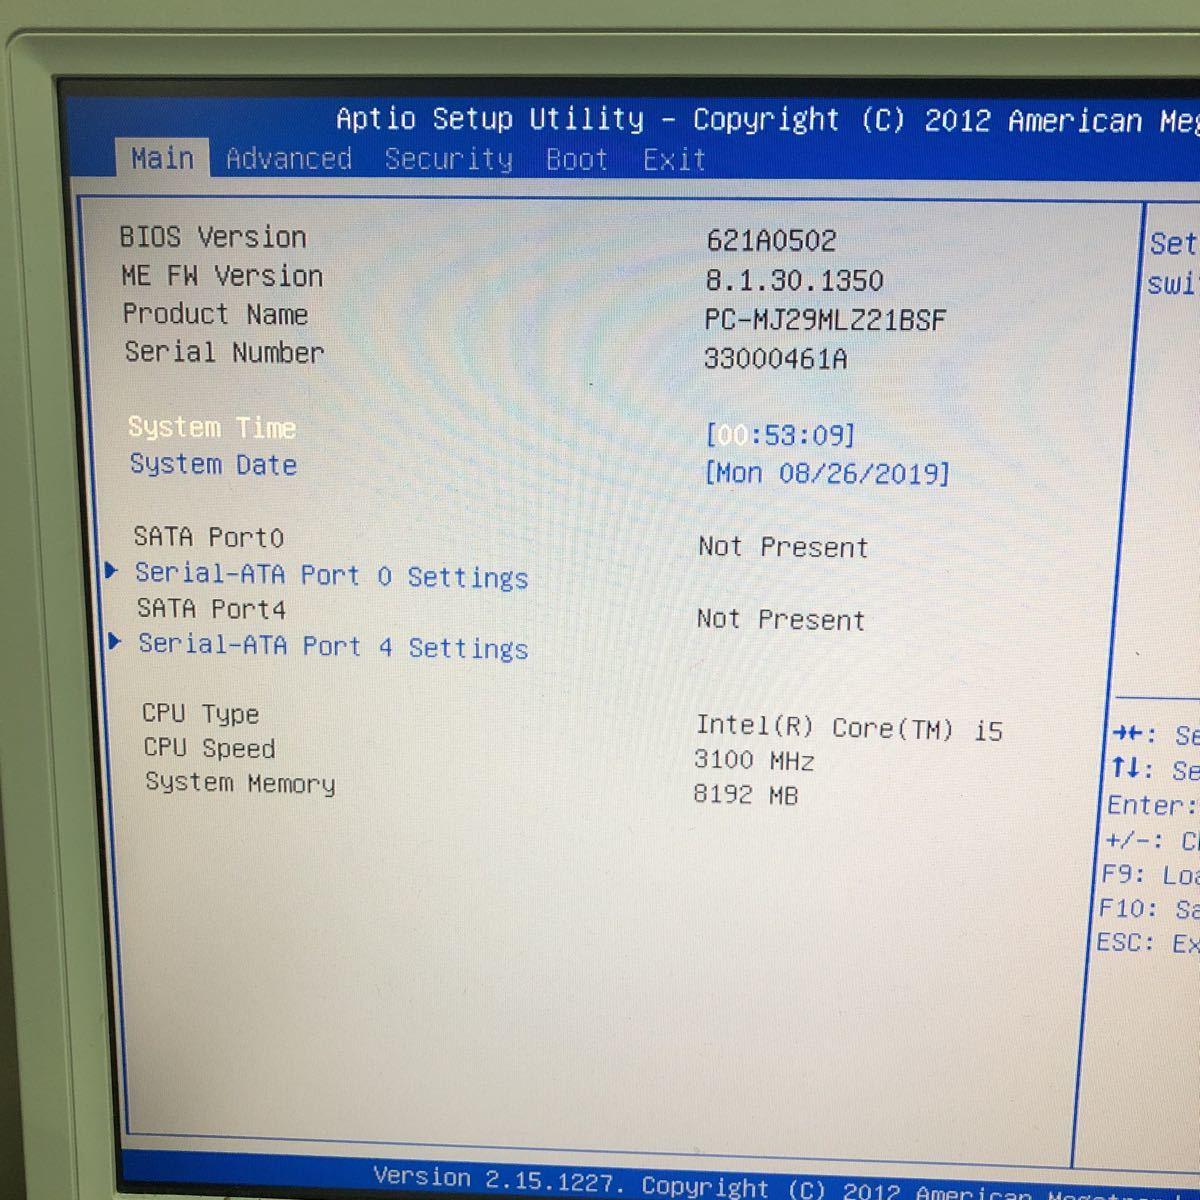 高性能 美品 SK hynix 1Rx16 PC3-12800U-11-12-C1 2GB×4枚 計8GB (DDR3 1600) 片面チップ デスクトップ PCメモリー 完動品_画像2